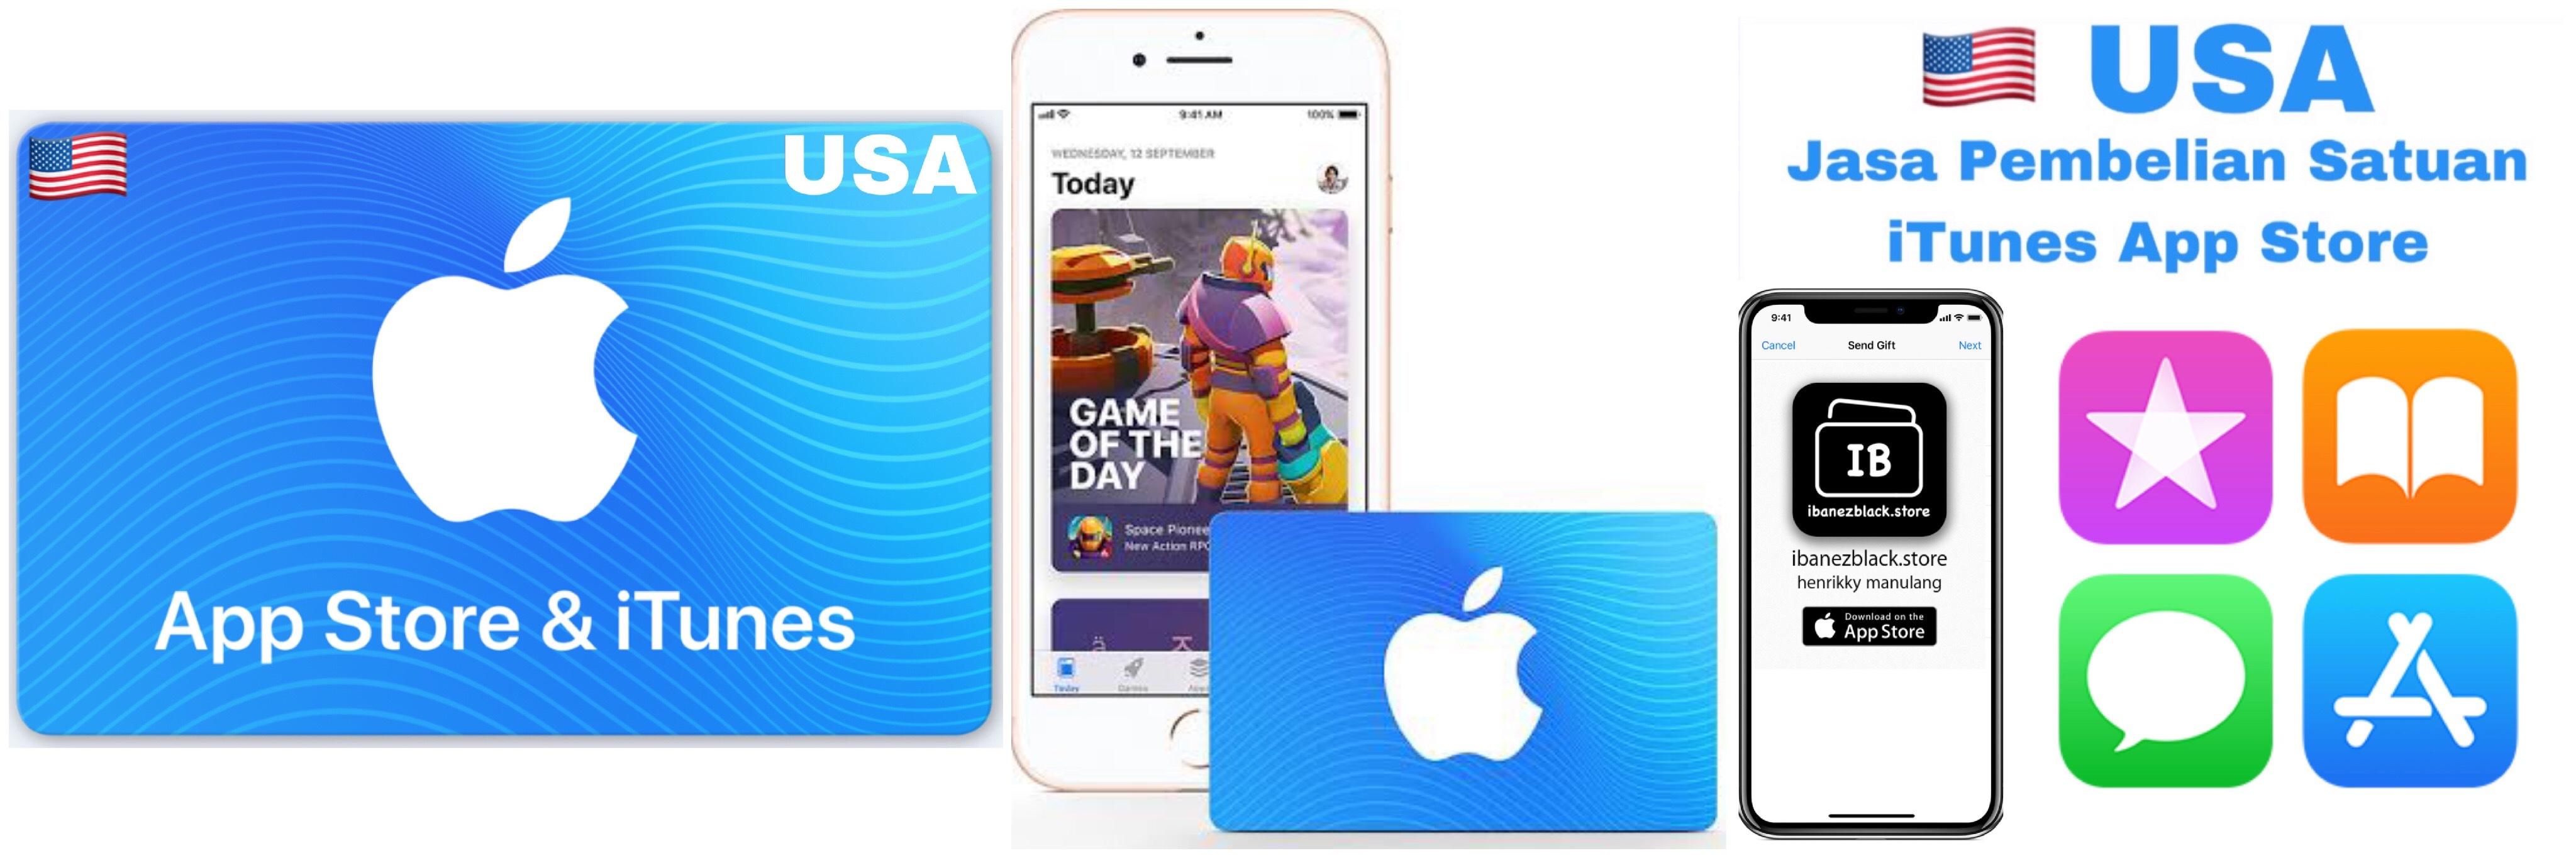 Apple iTunes Gift Card US $5 $10 $15 $20 $25 $30 $50 $100 $200. Jasa Pembelian secara satuan iTunes App Store region USA